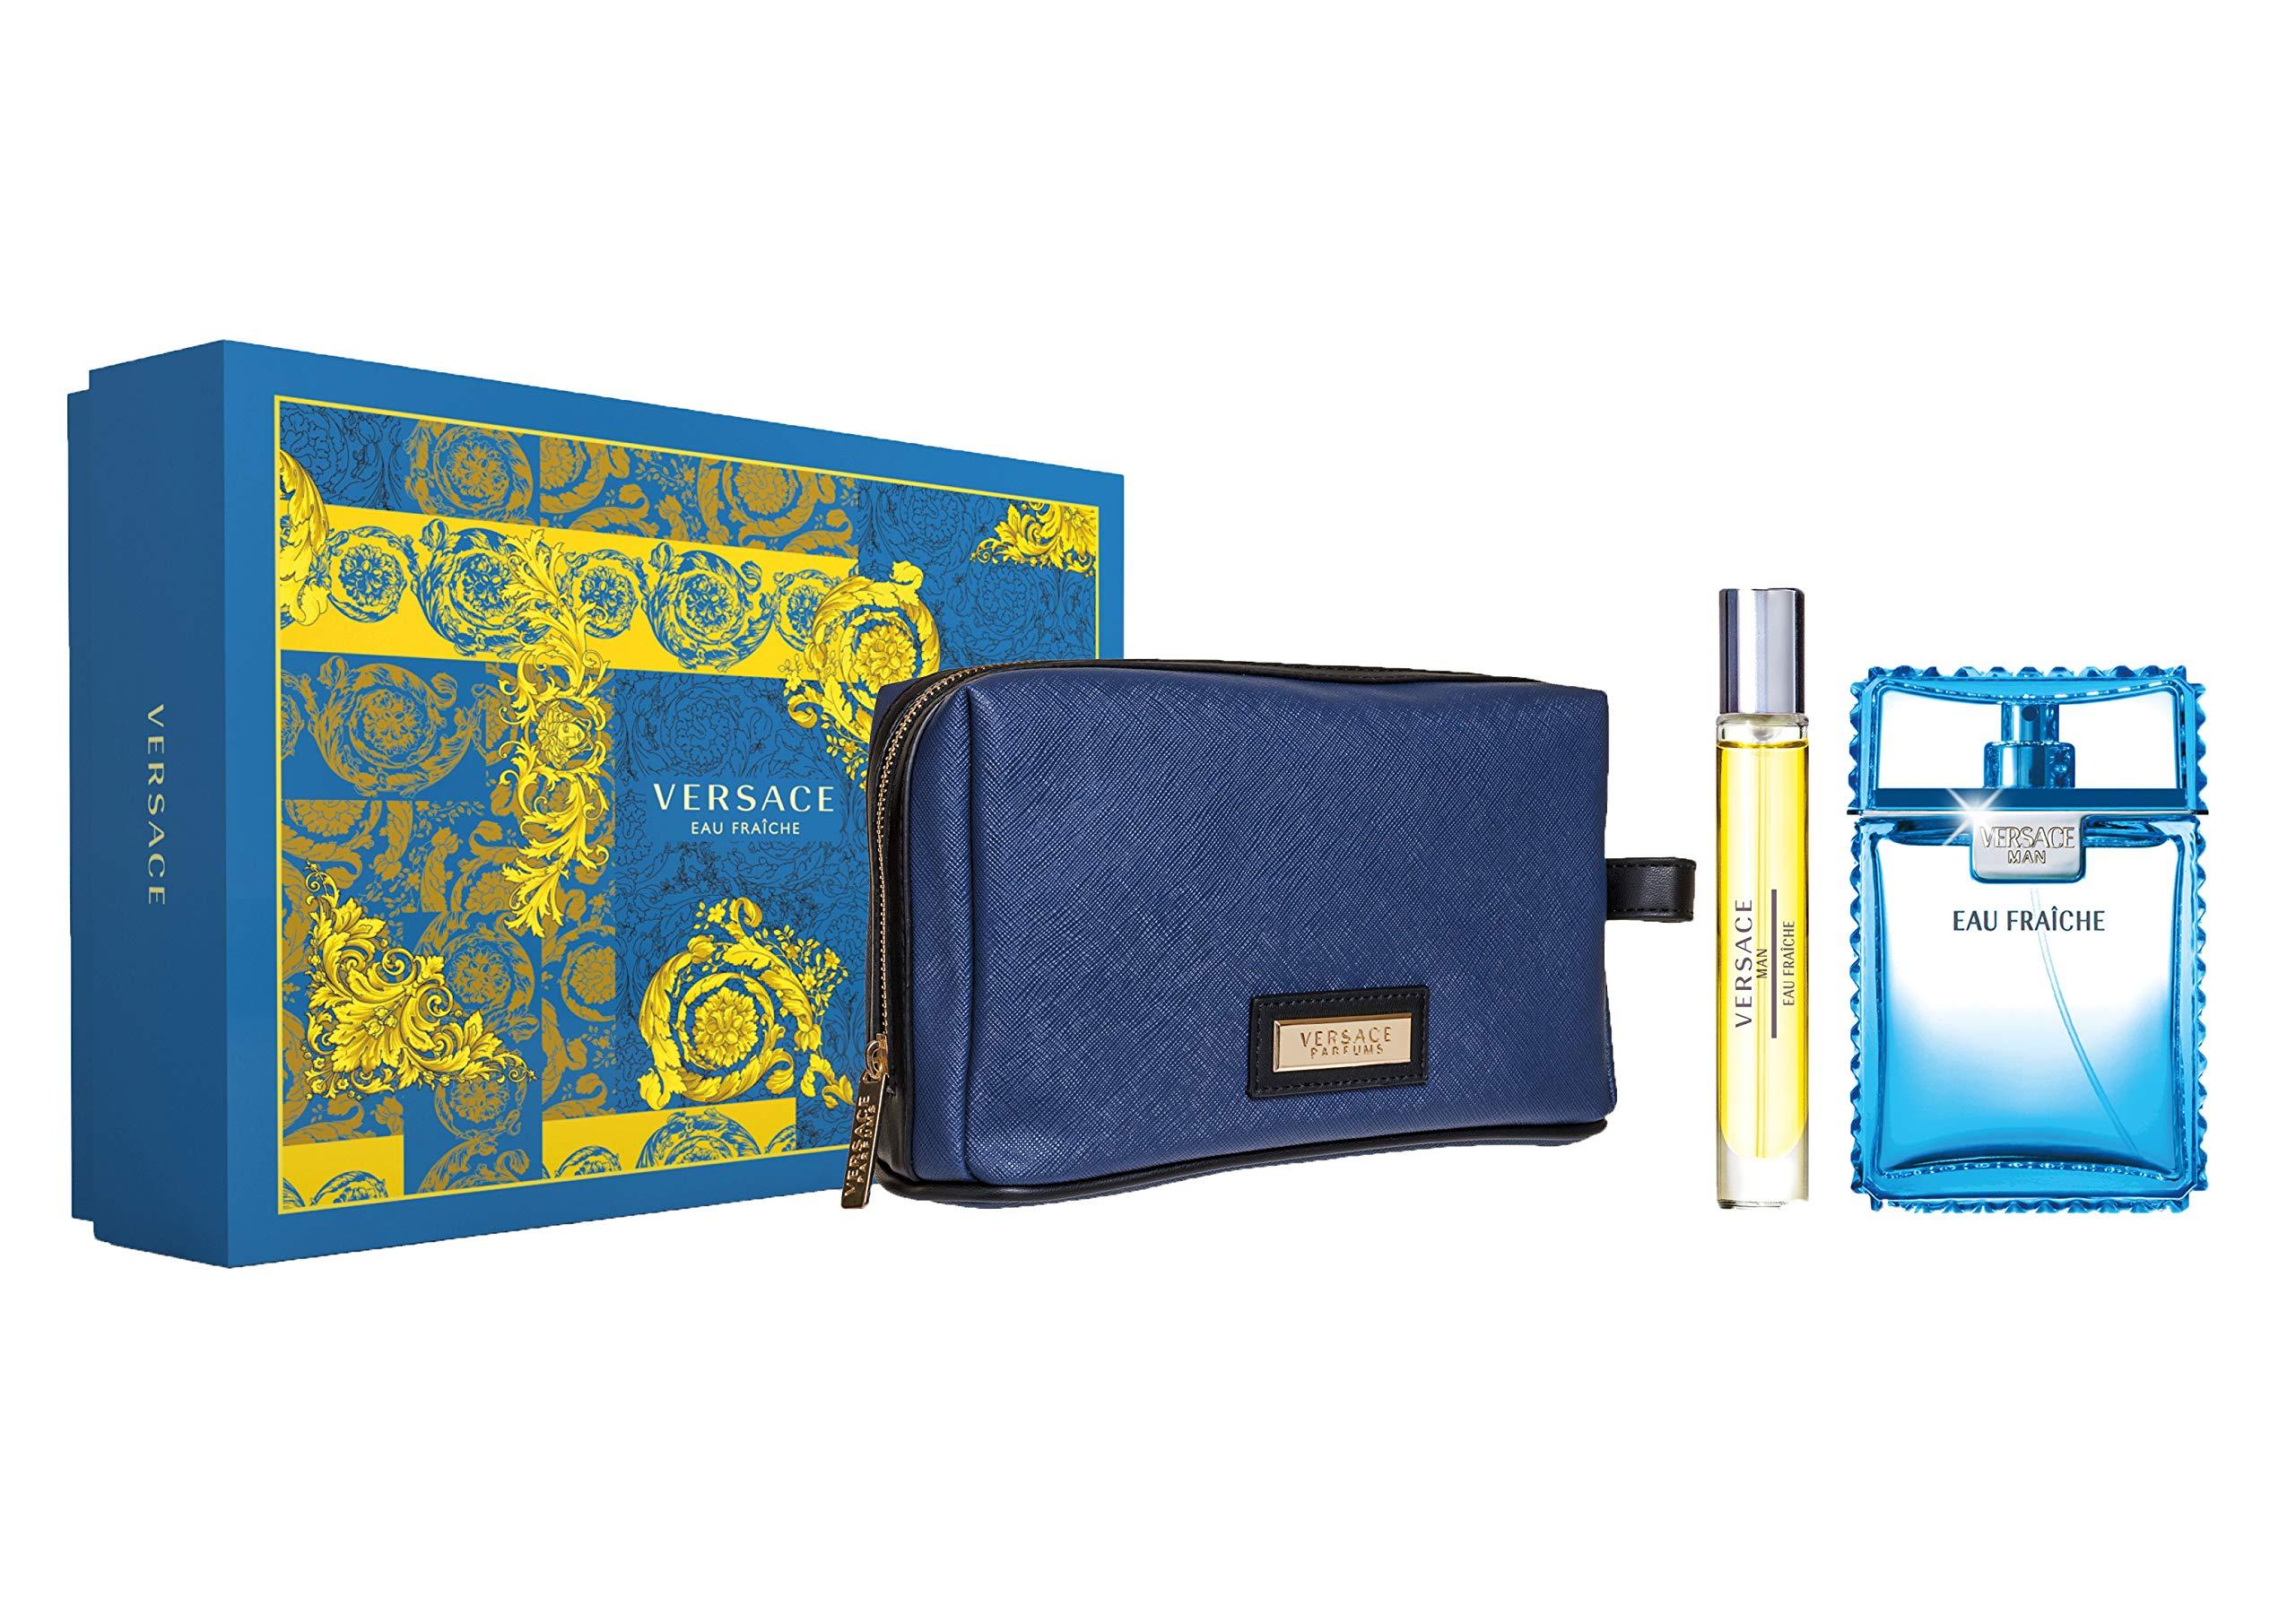 Versace Man Eau Fraiche for Men 3 Piece Gift Set With Eau De Toilette Spray, Mini & Pouch by Versace